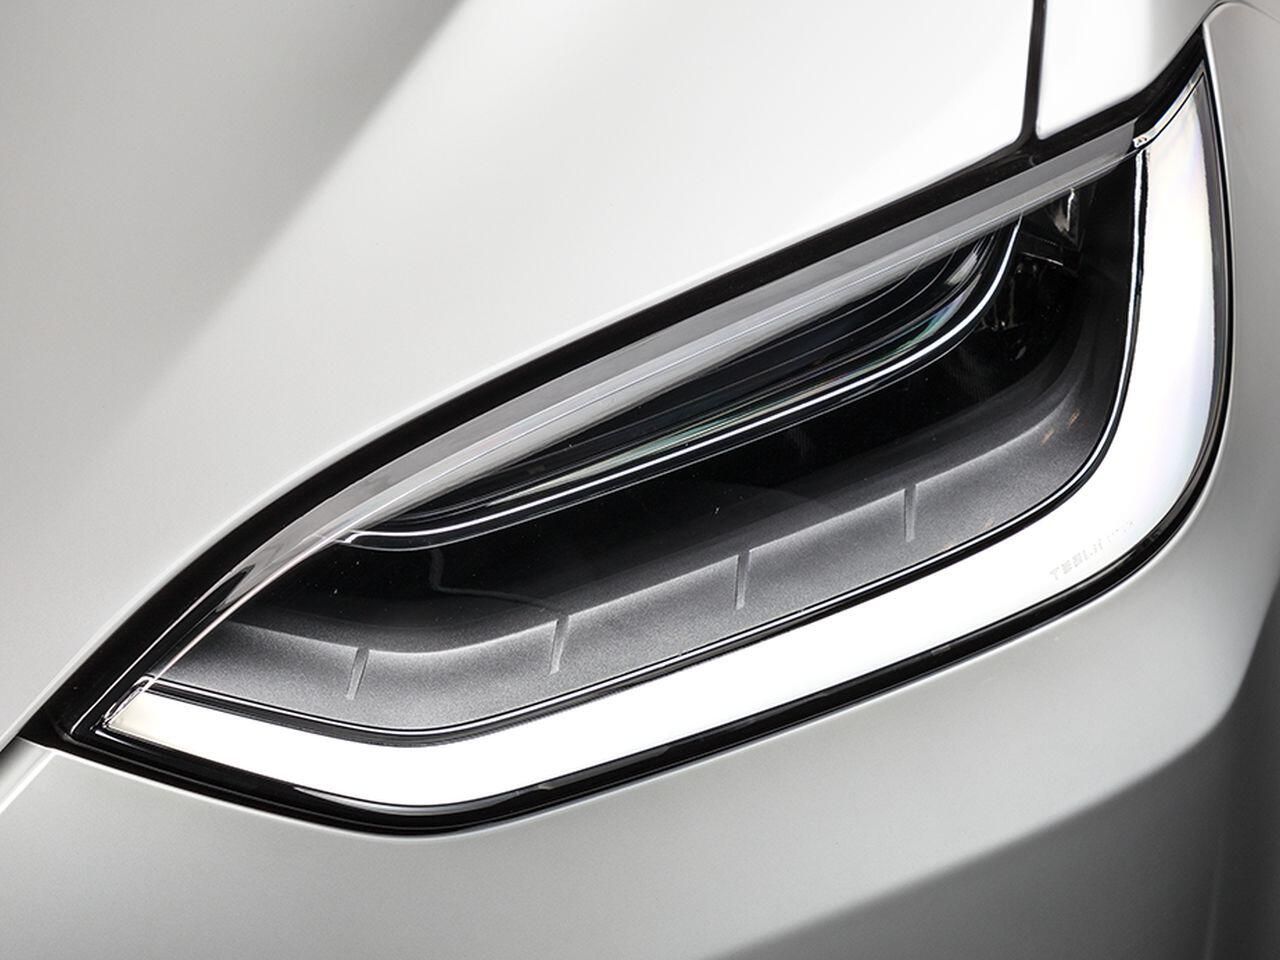 Bild zu Zu welchem Auto gehören sie?